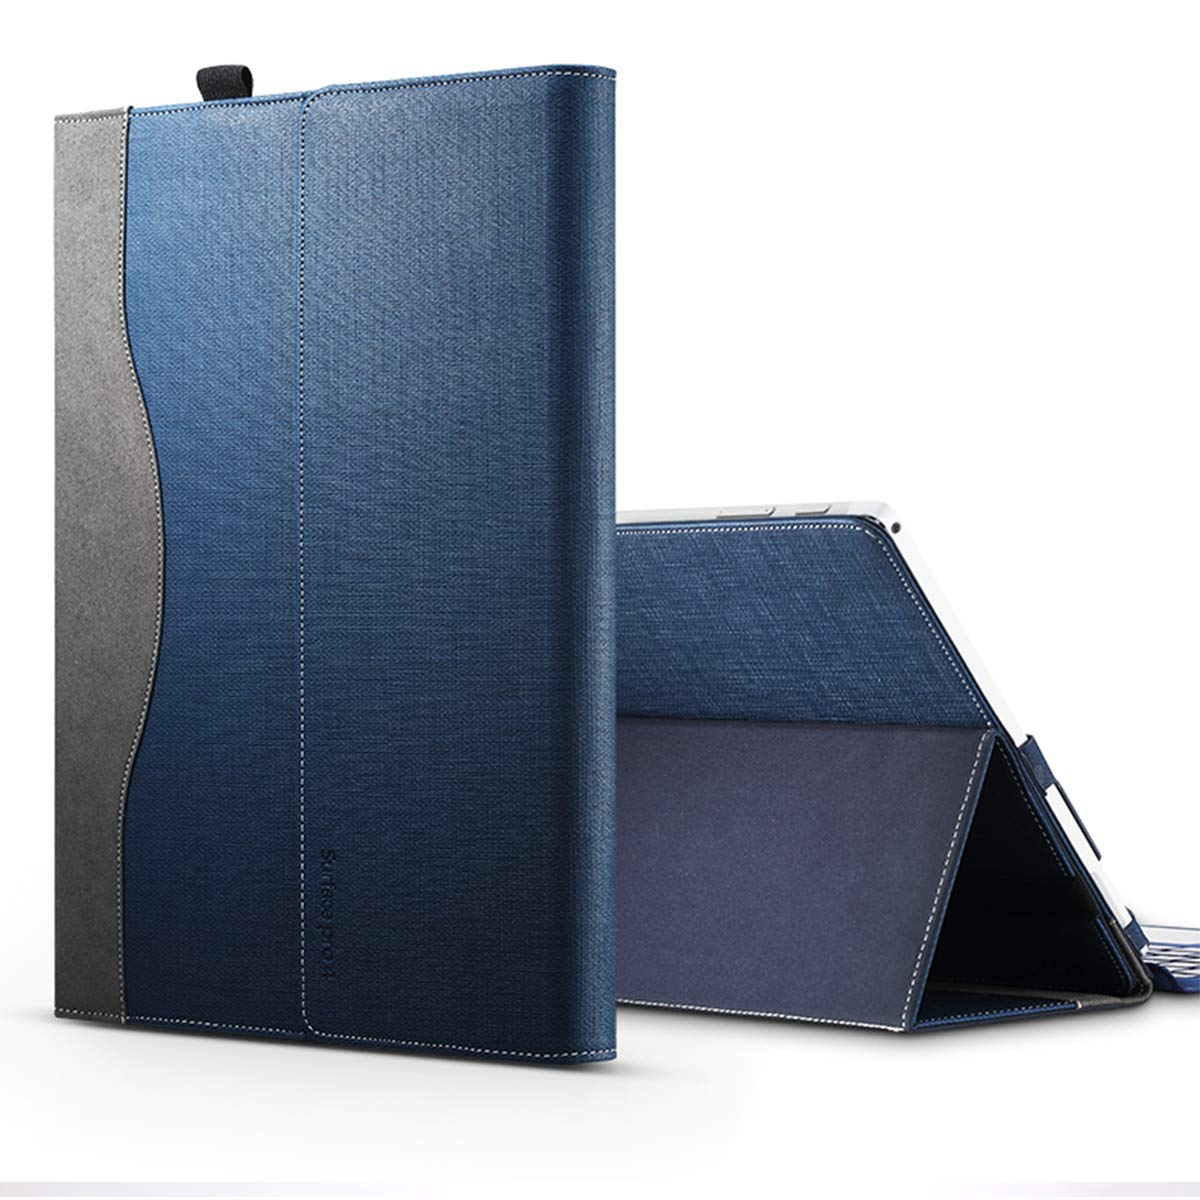 偉大な Microsoft Surface Pro フリップ 4 ケース Pro、Microsoft B07JQV2GN6 Surface Pro 4 ケース、フリップケース プレミアム PU レザー ウォレット スナップケース フリップ ケース フリップ ケース フリップ ケース 交換用 Microsoft Surface Pro 4 ブラウン, 7C05-9S-785 ネイビーブルー B07JQV2GN6, ★日本の職人技★:92a2bf4a --- 4x4.lt